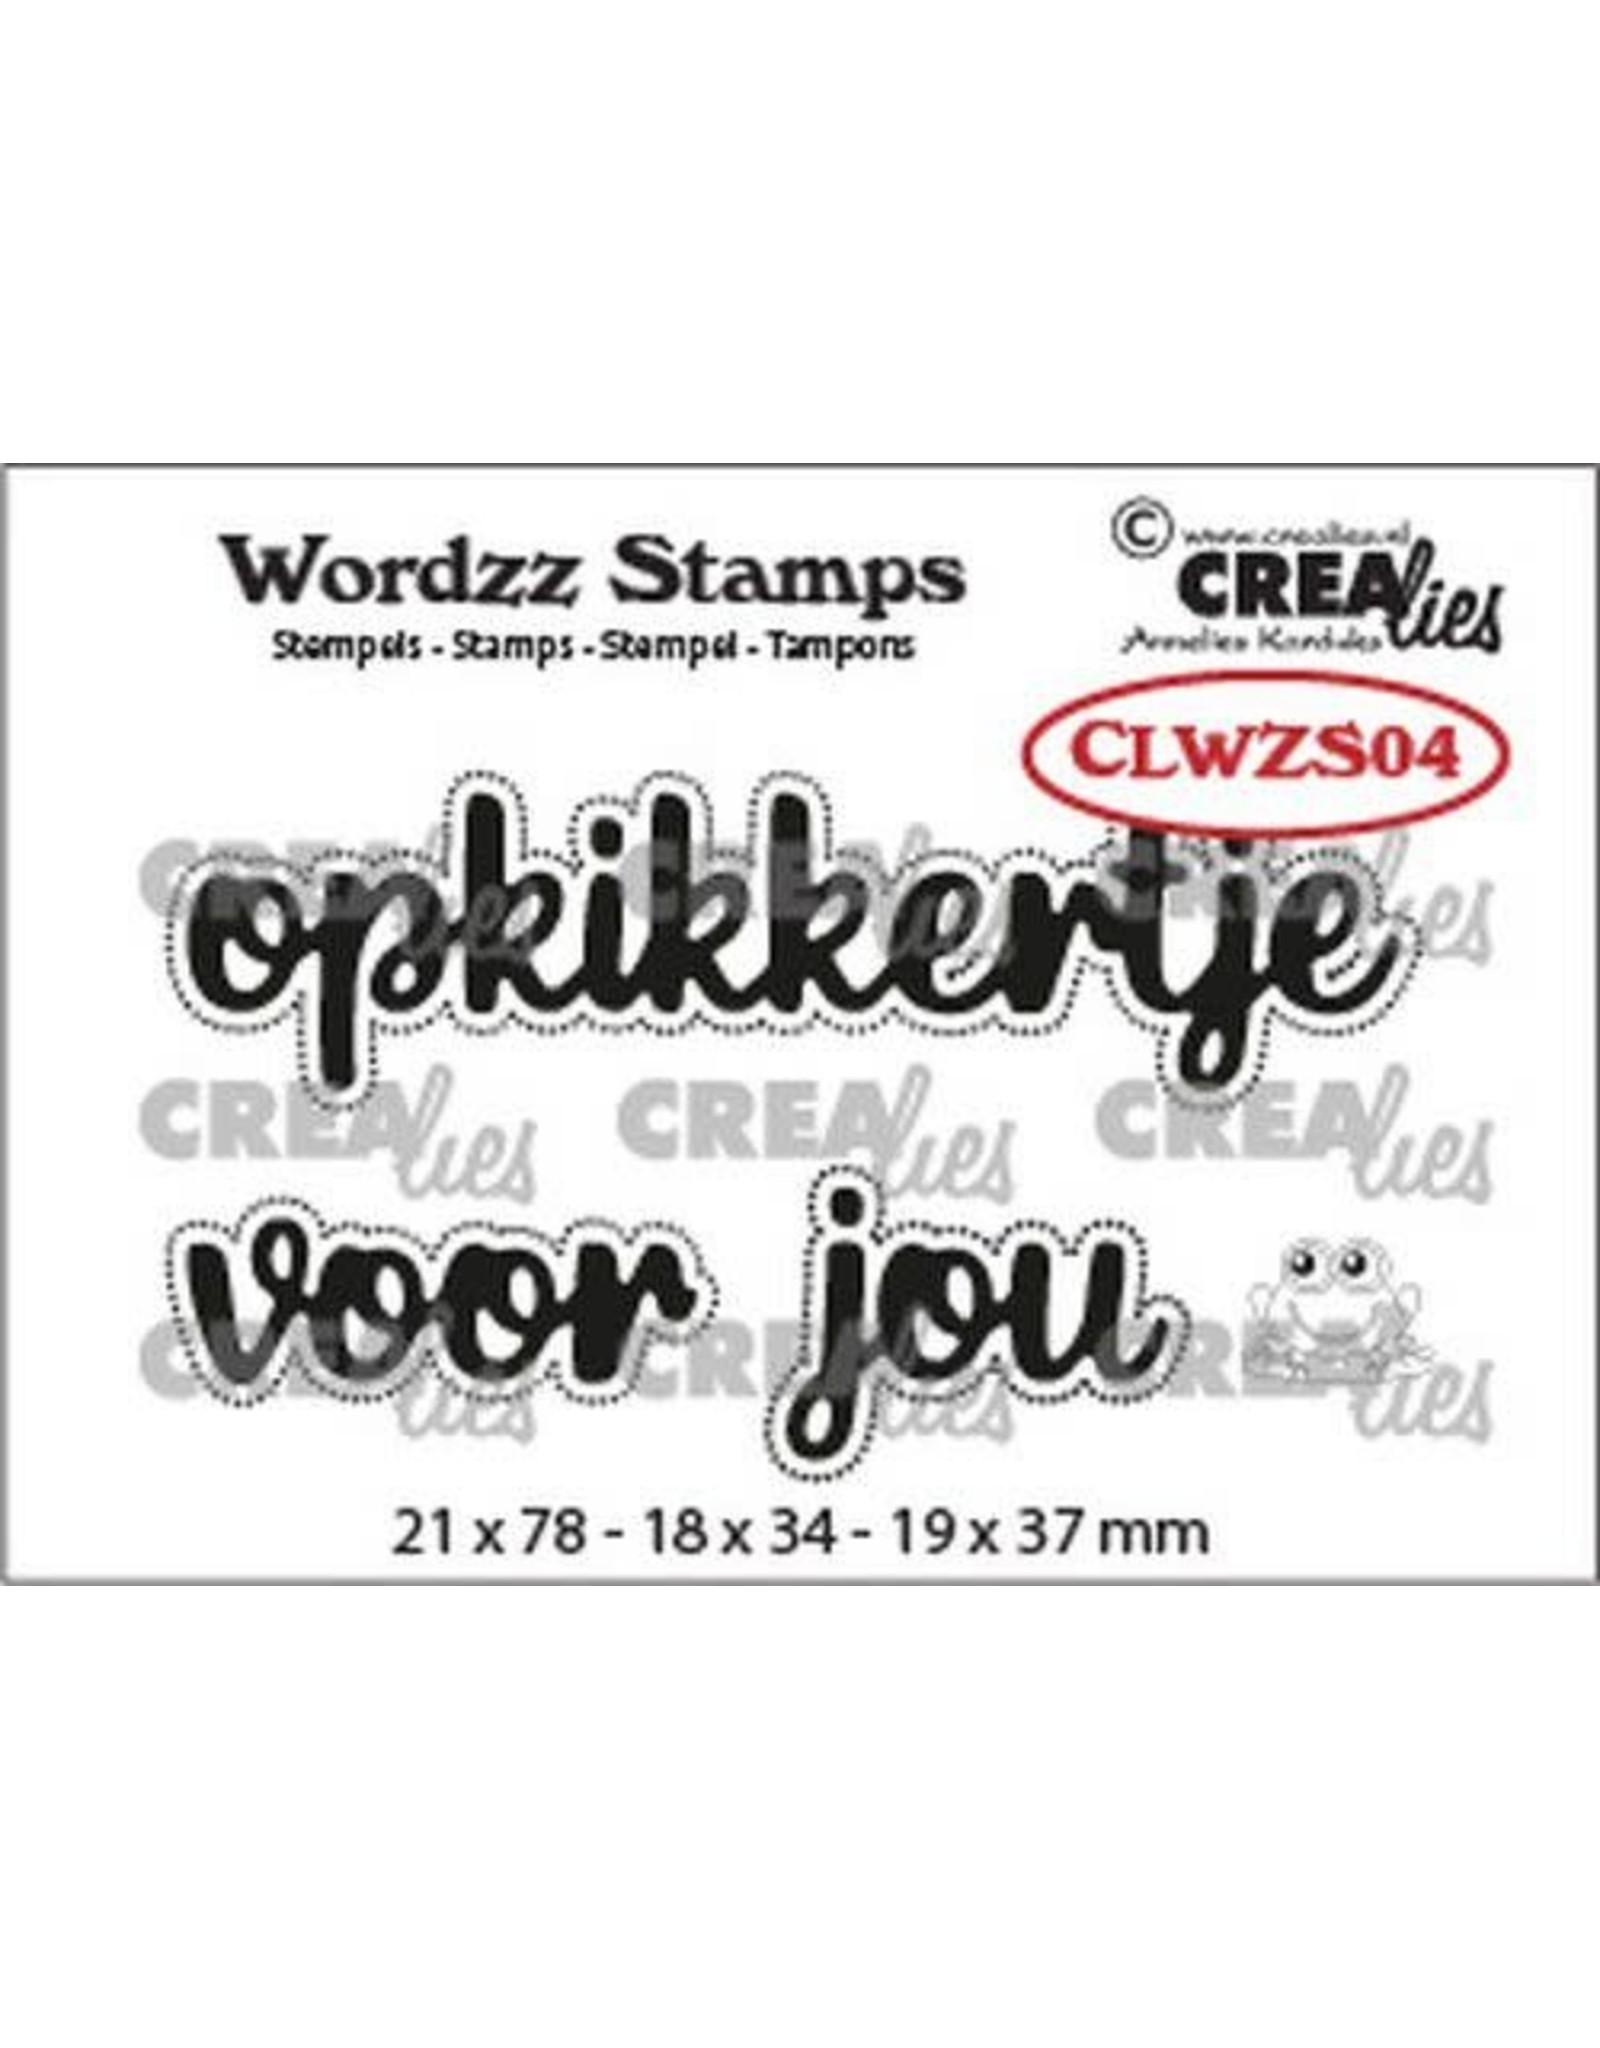 Crealies Crealies Clearstamp Wordzz Opkikkertje voor jou (NL) CLWZS04 21x78mm